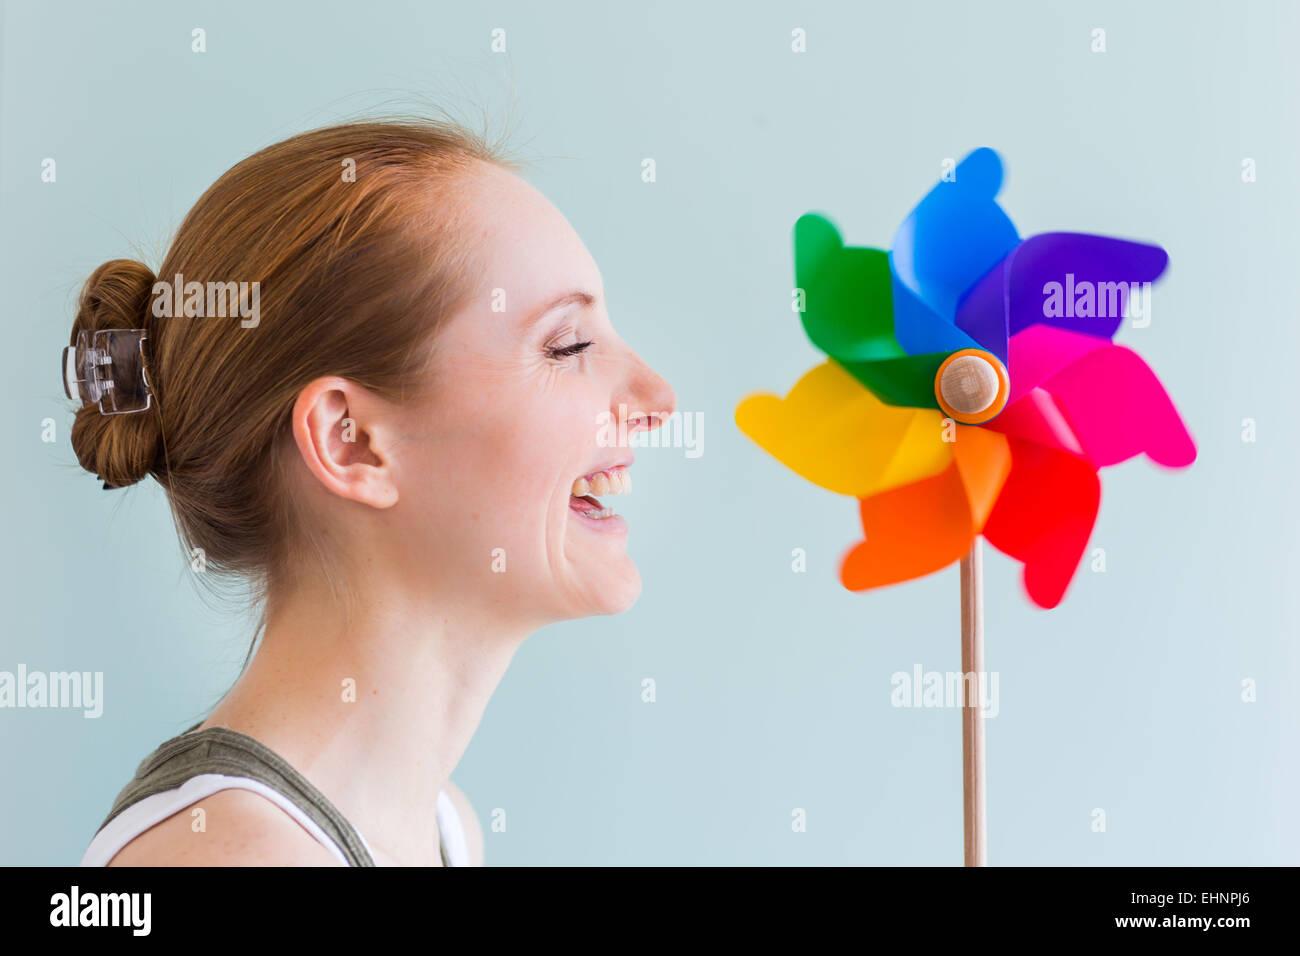 Konzeptbild des Atems. Stockbild